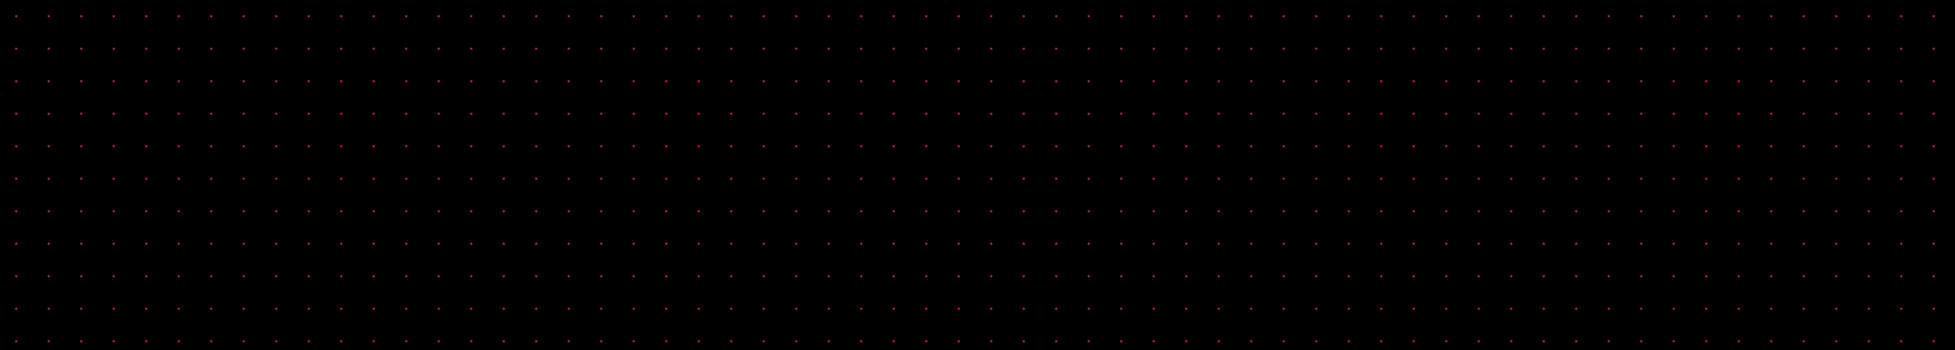 vr-slide-background-3